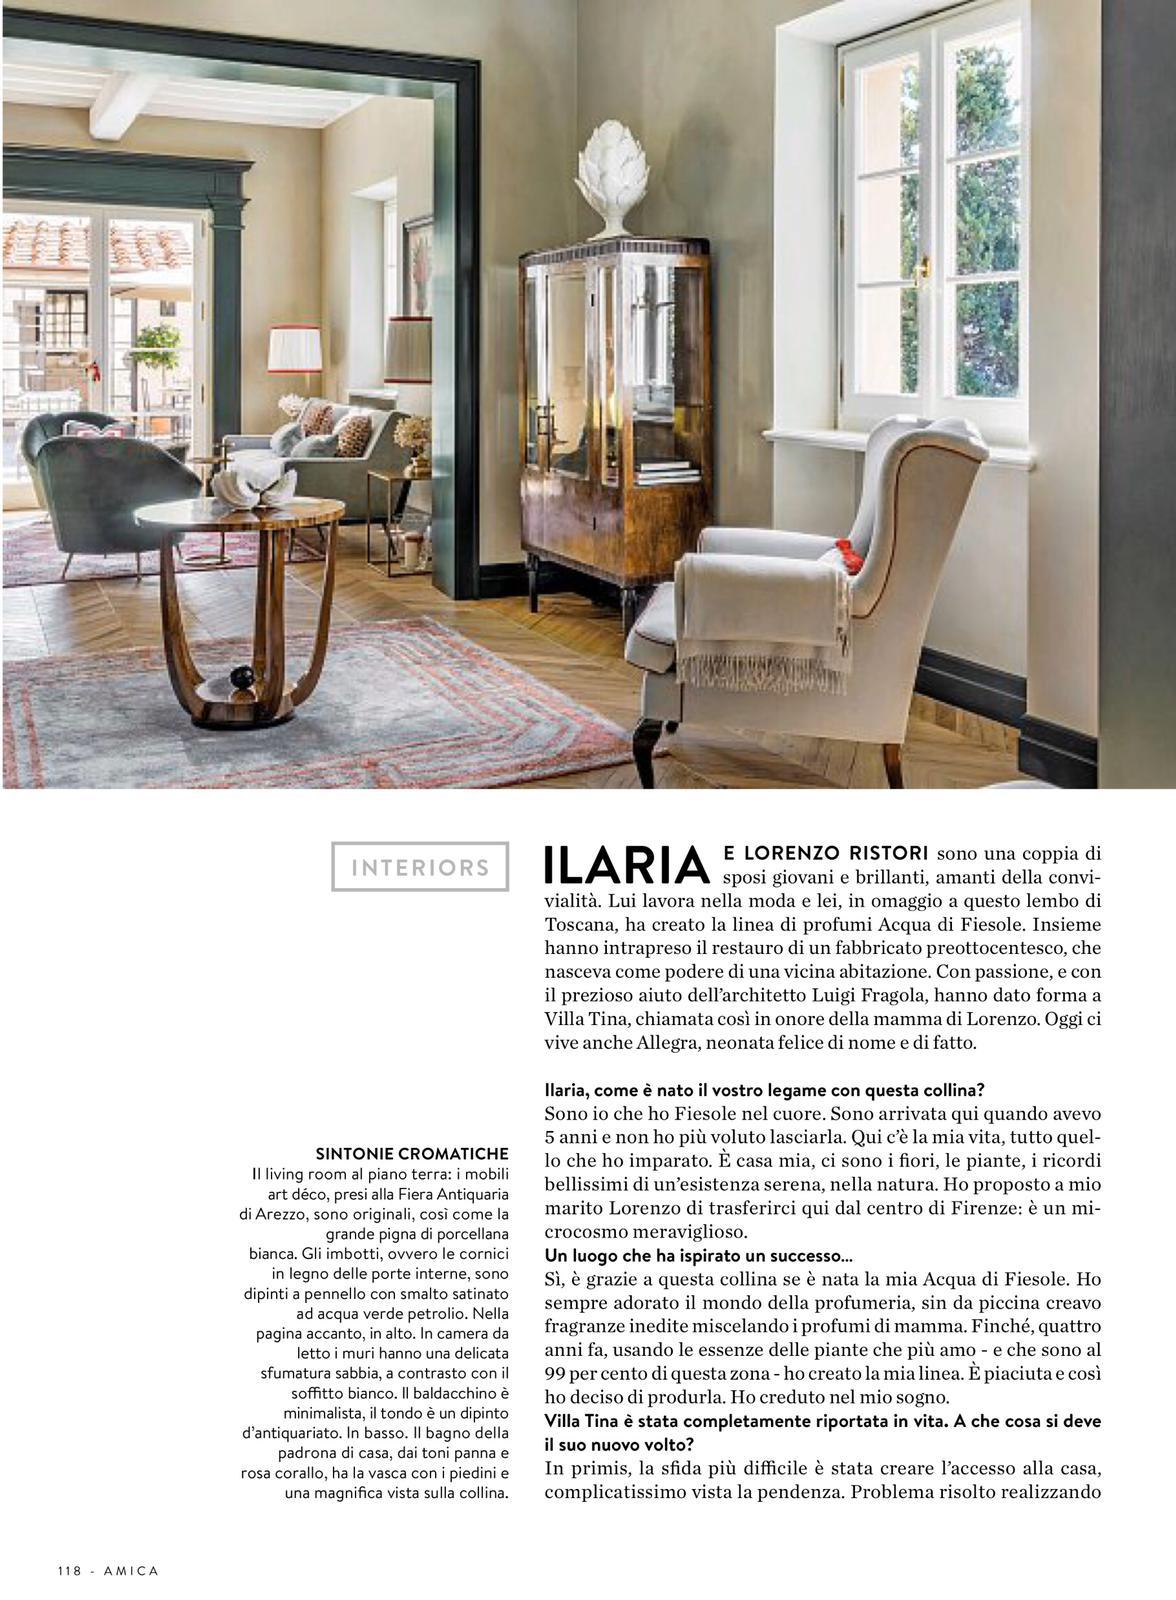 Il soggiorno, servizio fotografico di interni a Fiesole